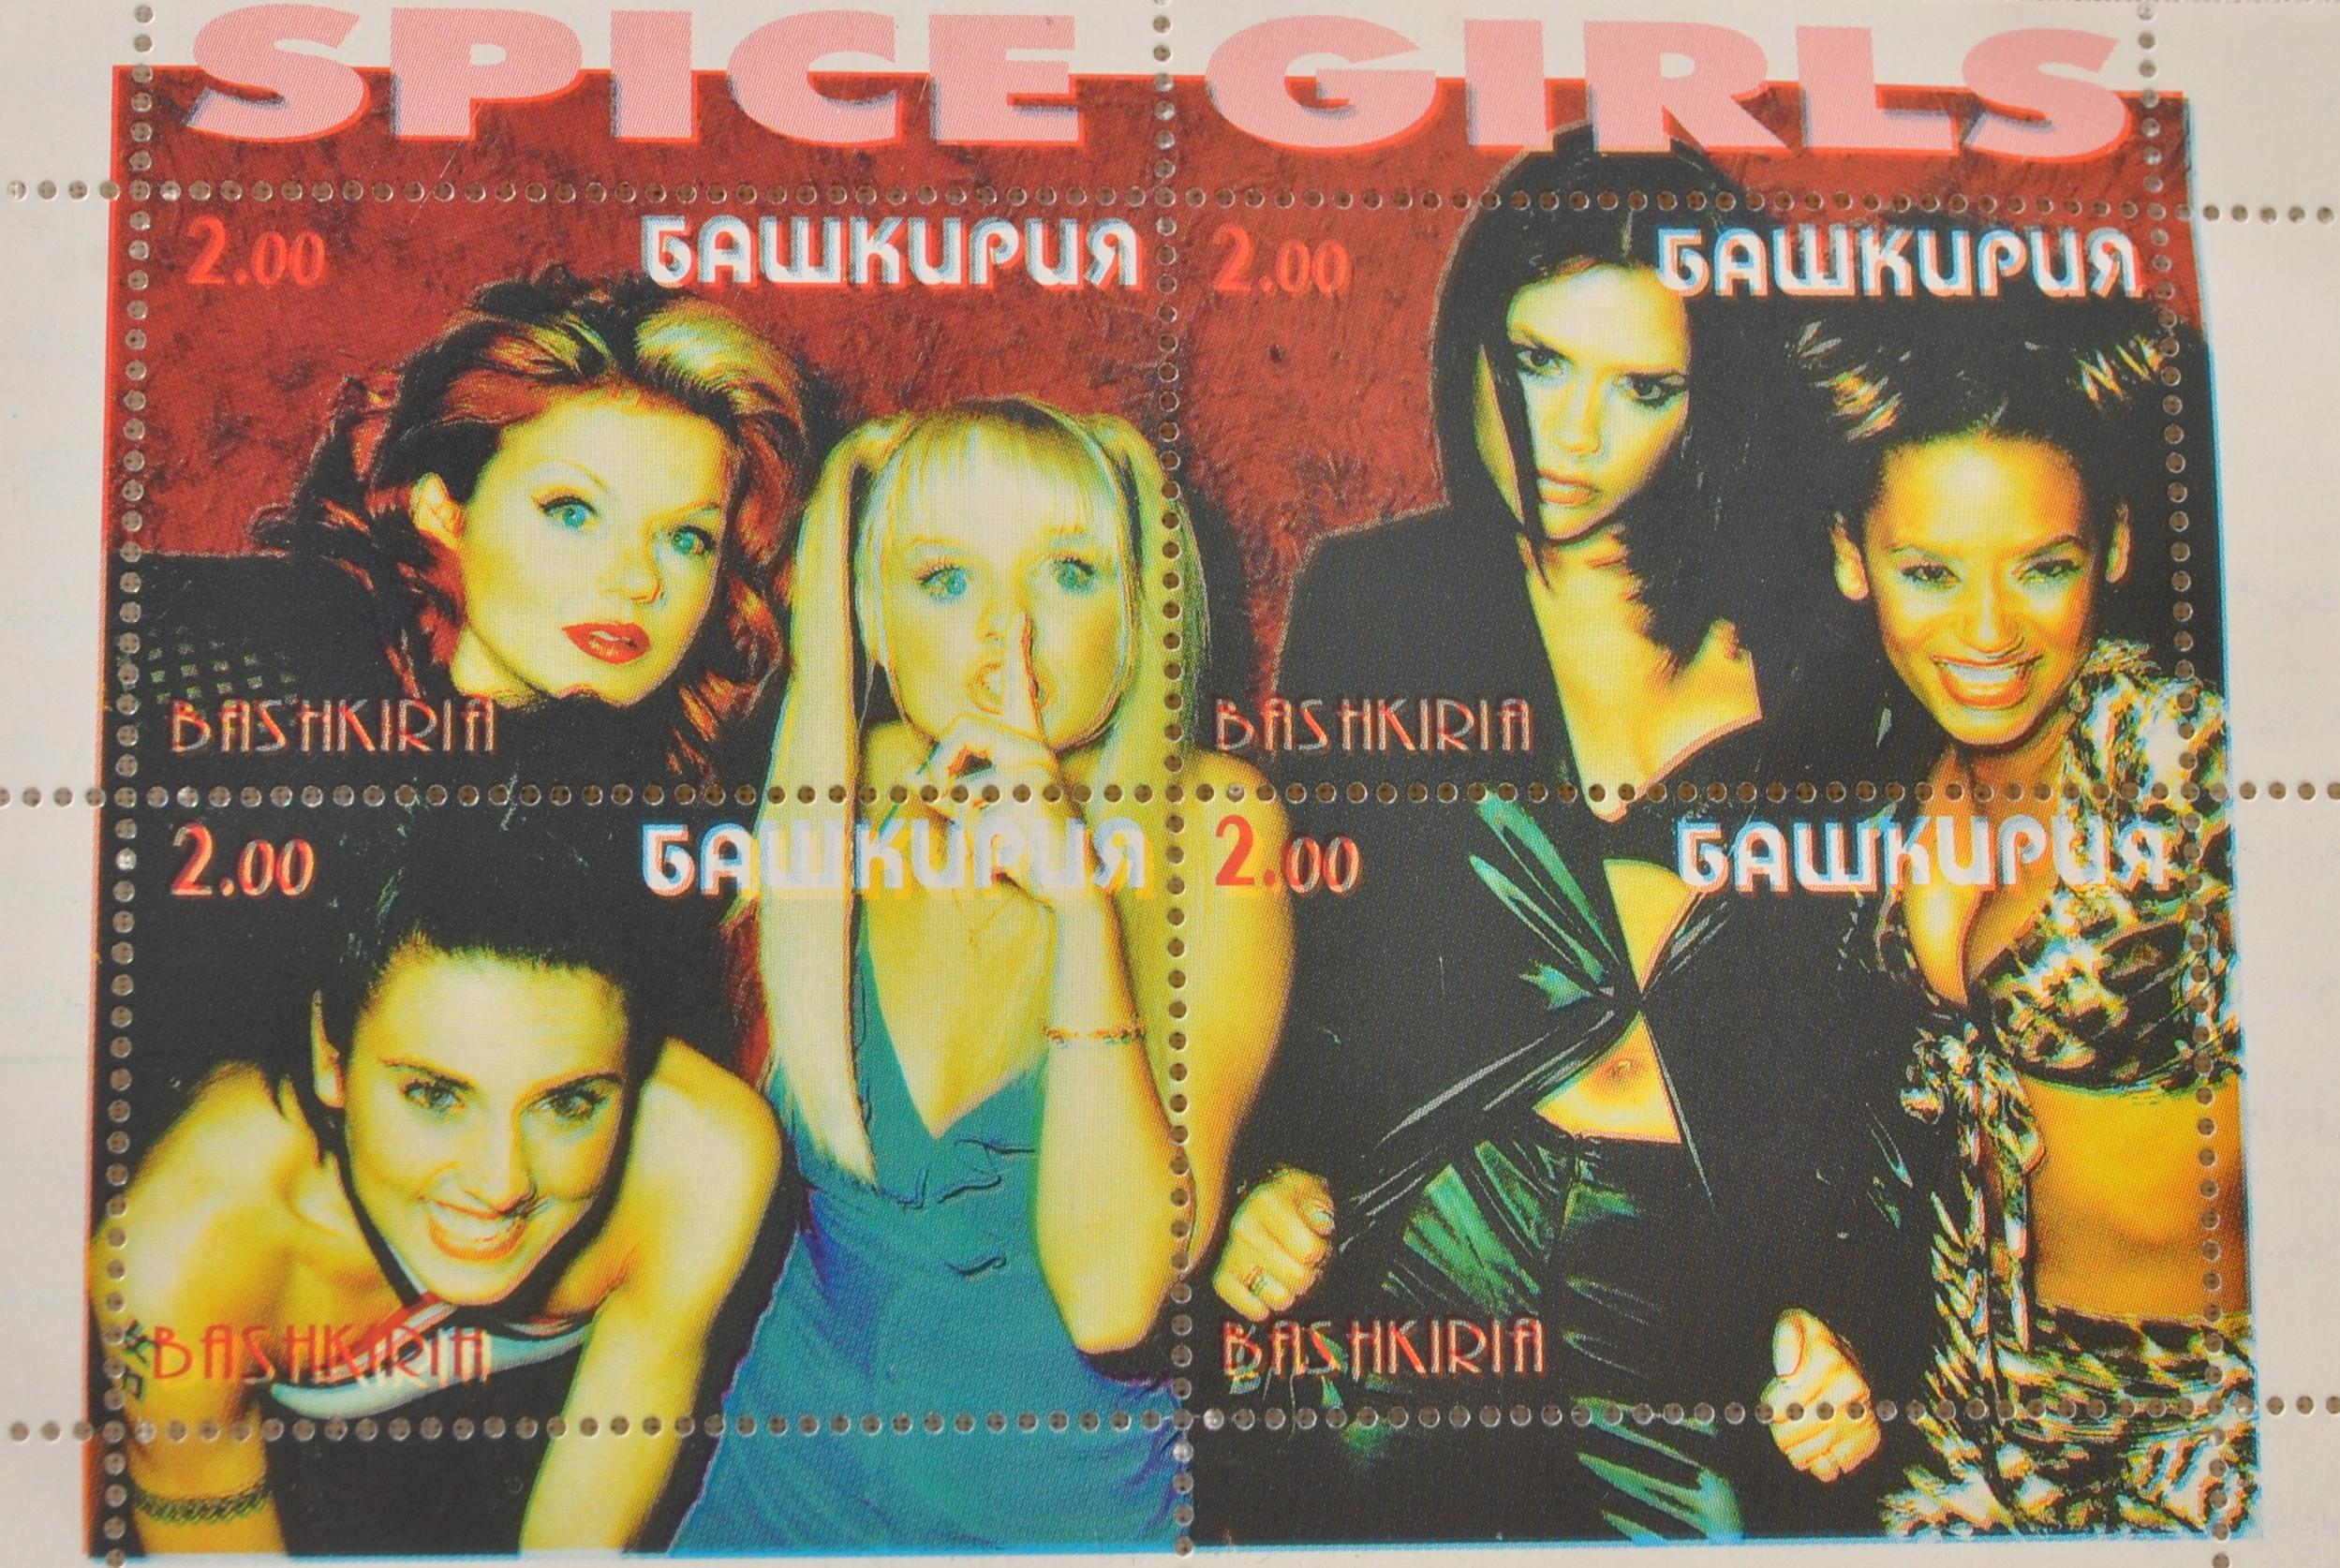 SPICE GIRLS znaczek pocztowy dla miłośnika zespołu